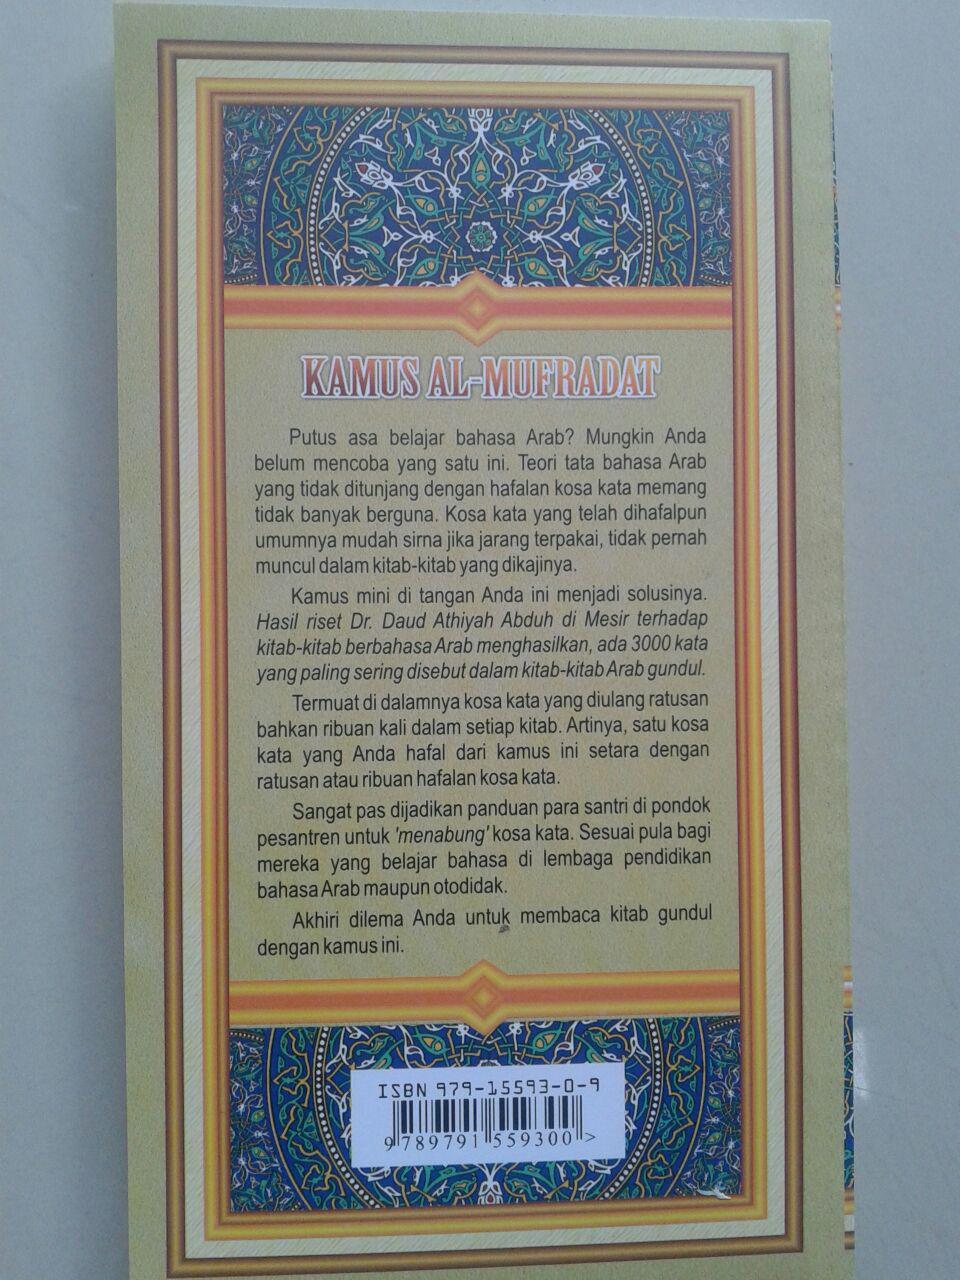 Kamus Al-Mufradat 3000 Kata Yang Sering Muncul Dalam Kitab Gundul cover